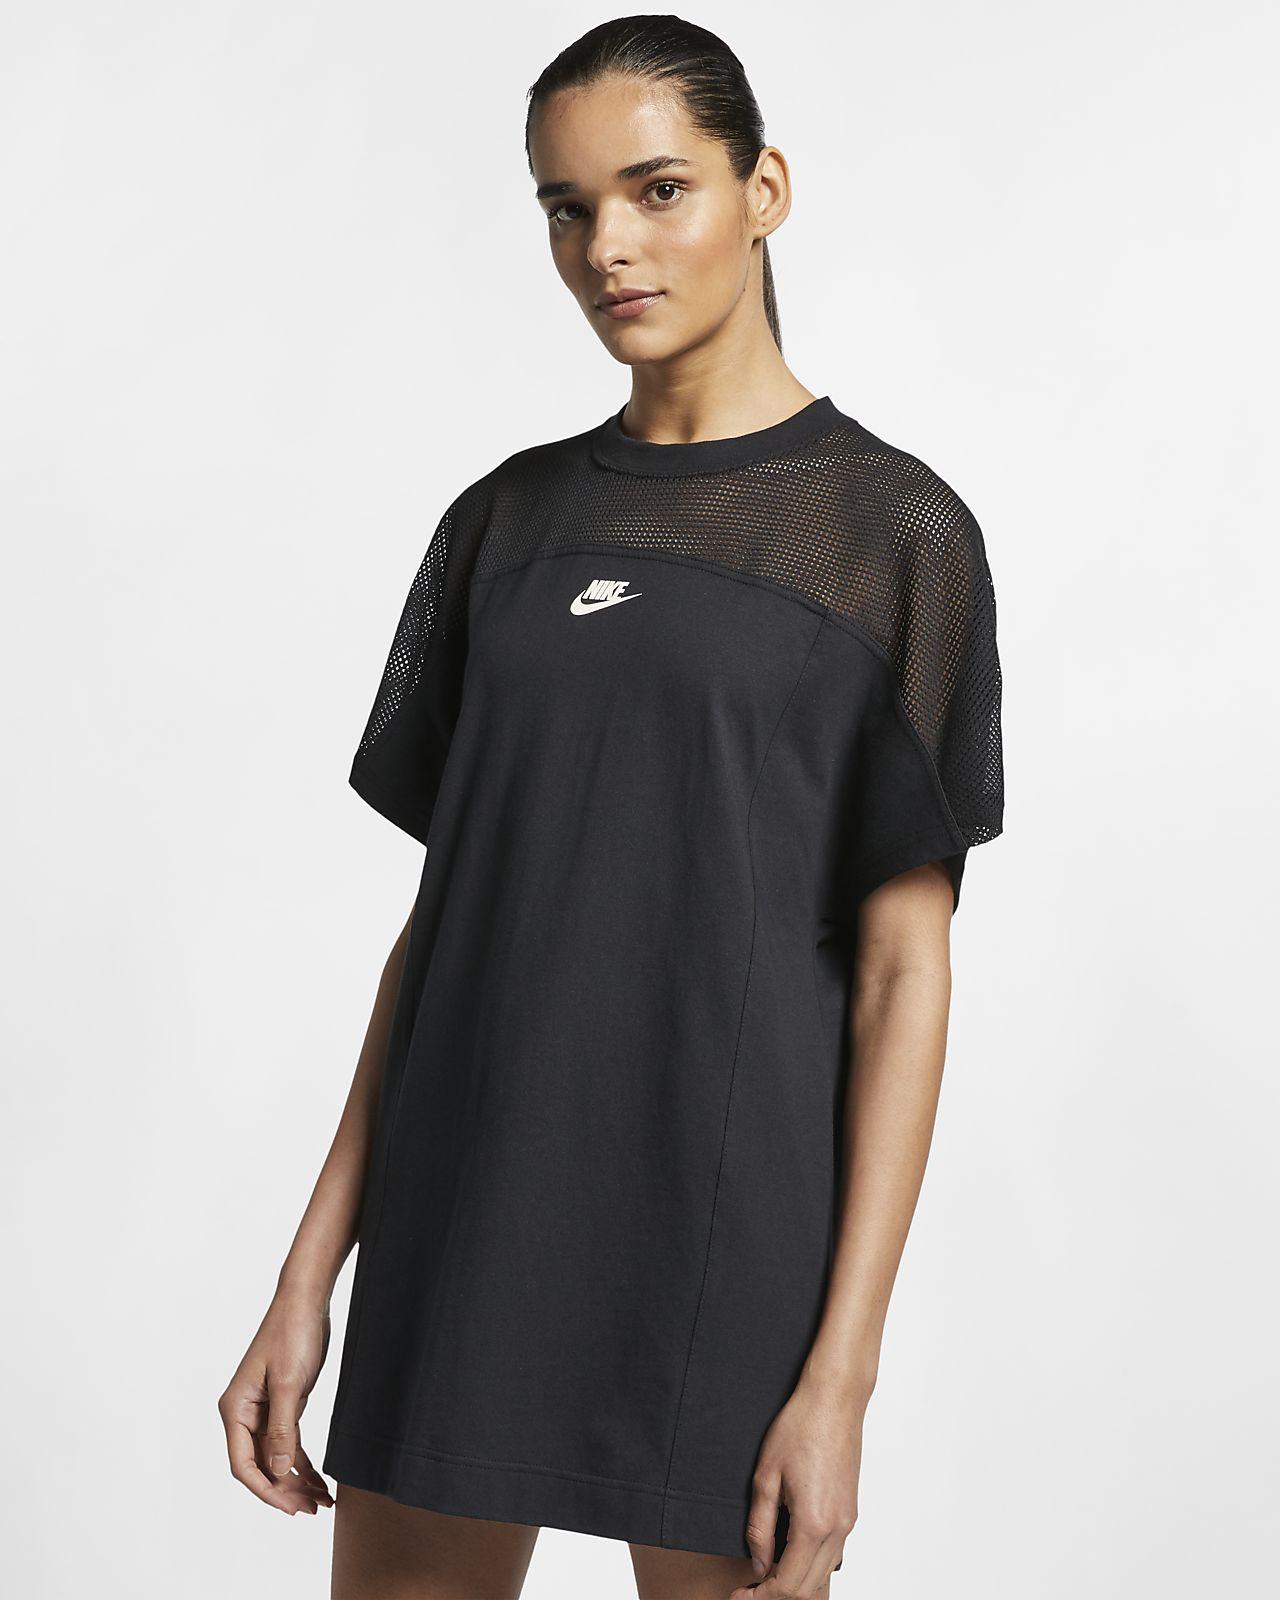 Meshklänning Nike Sportswear för kvinnor